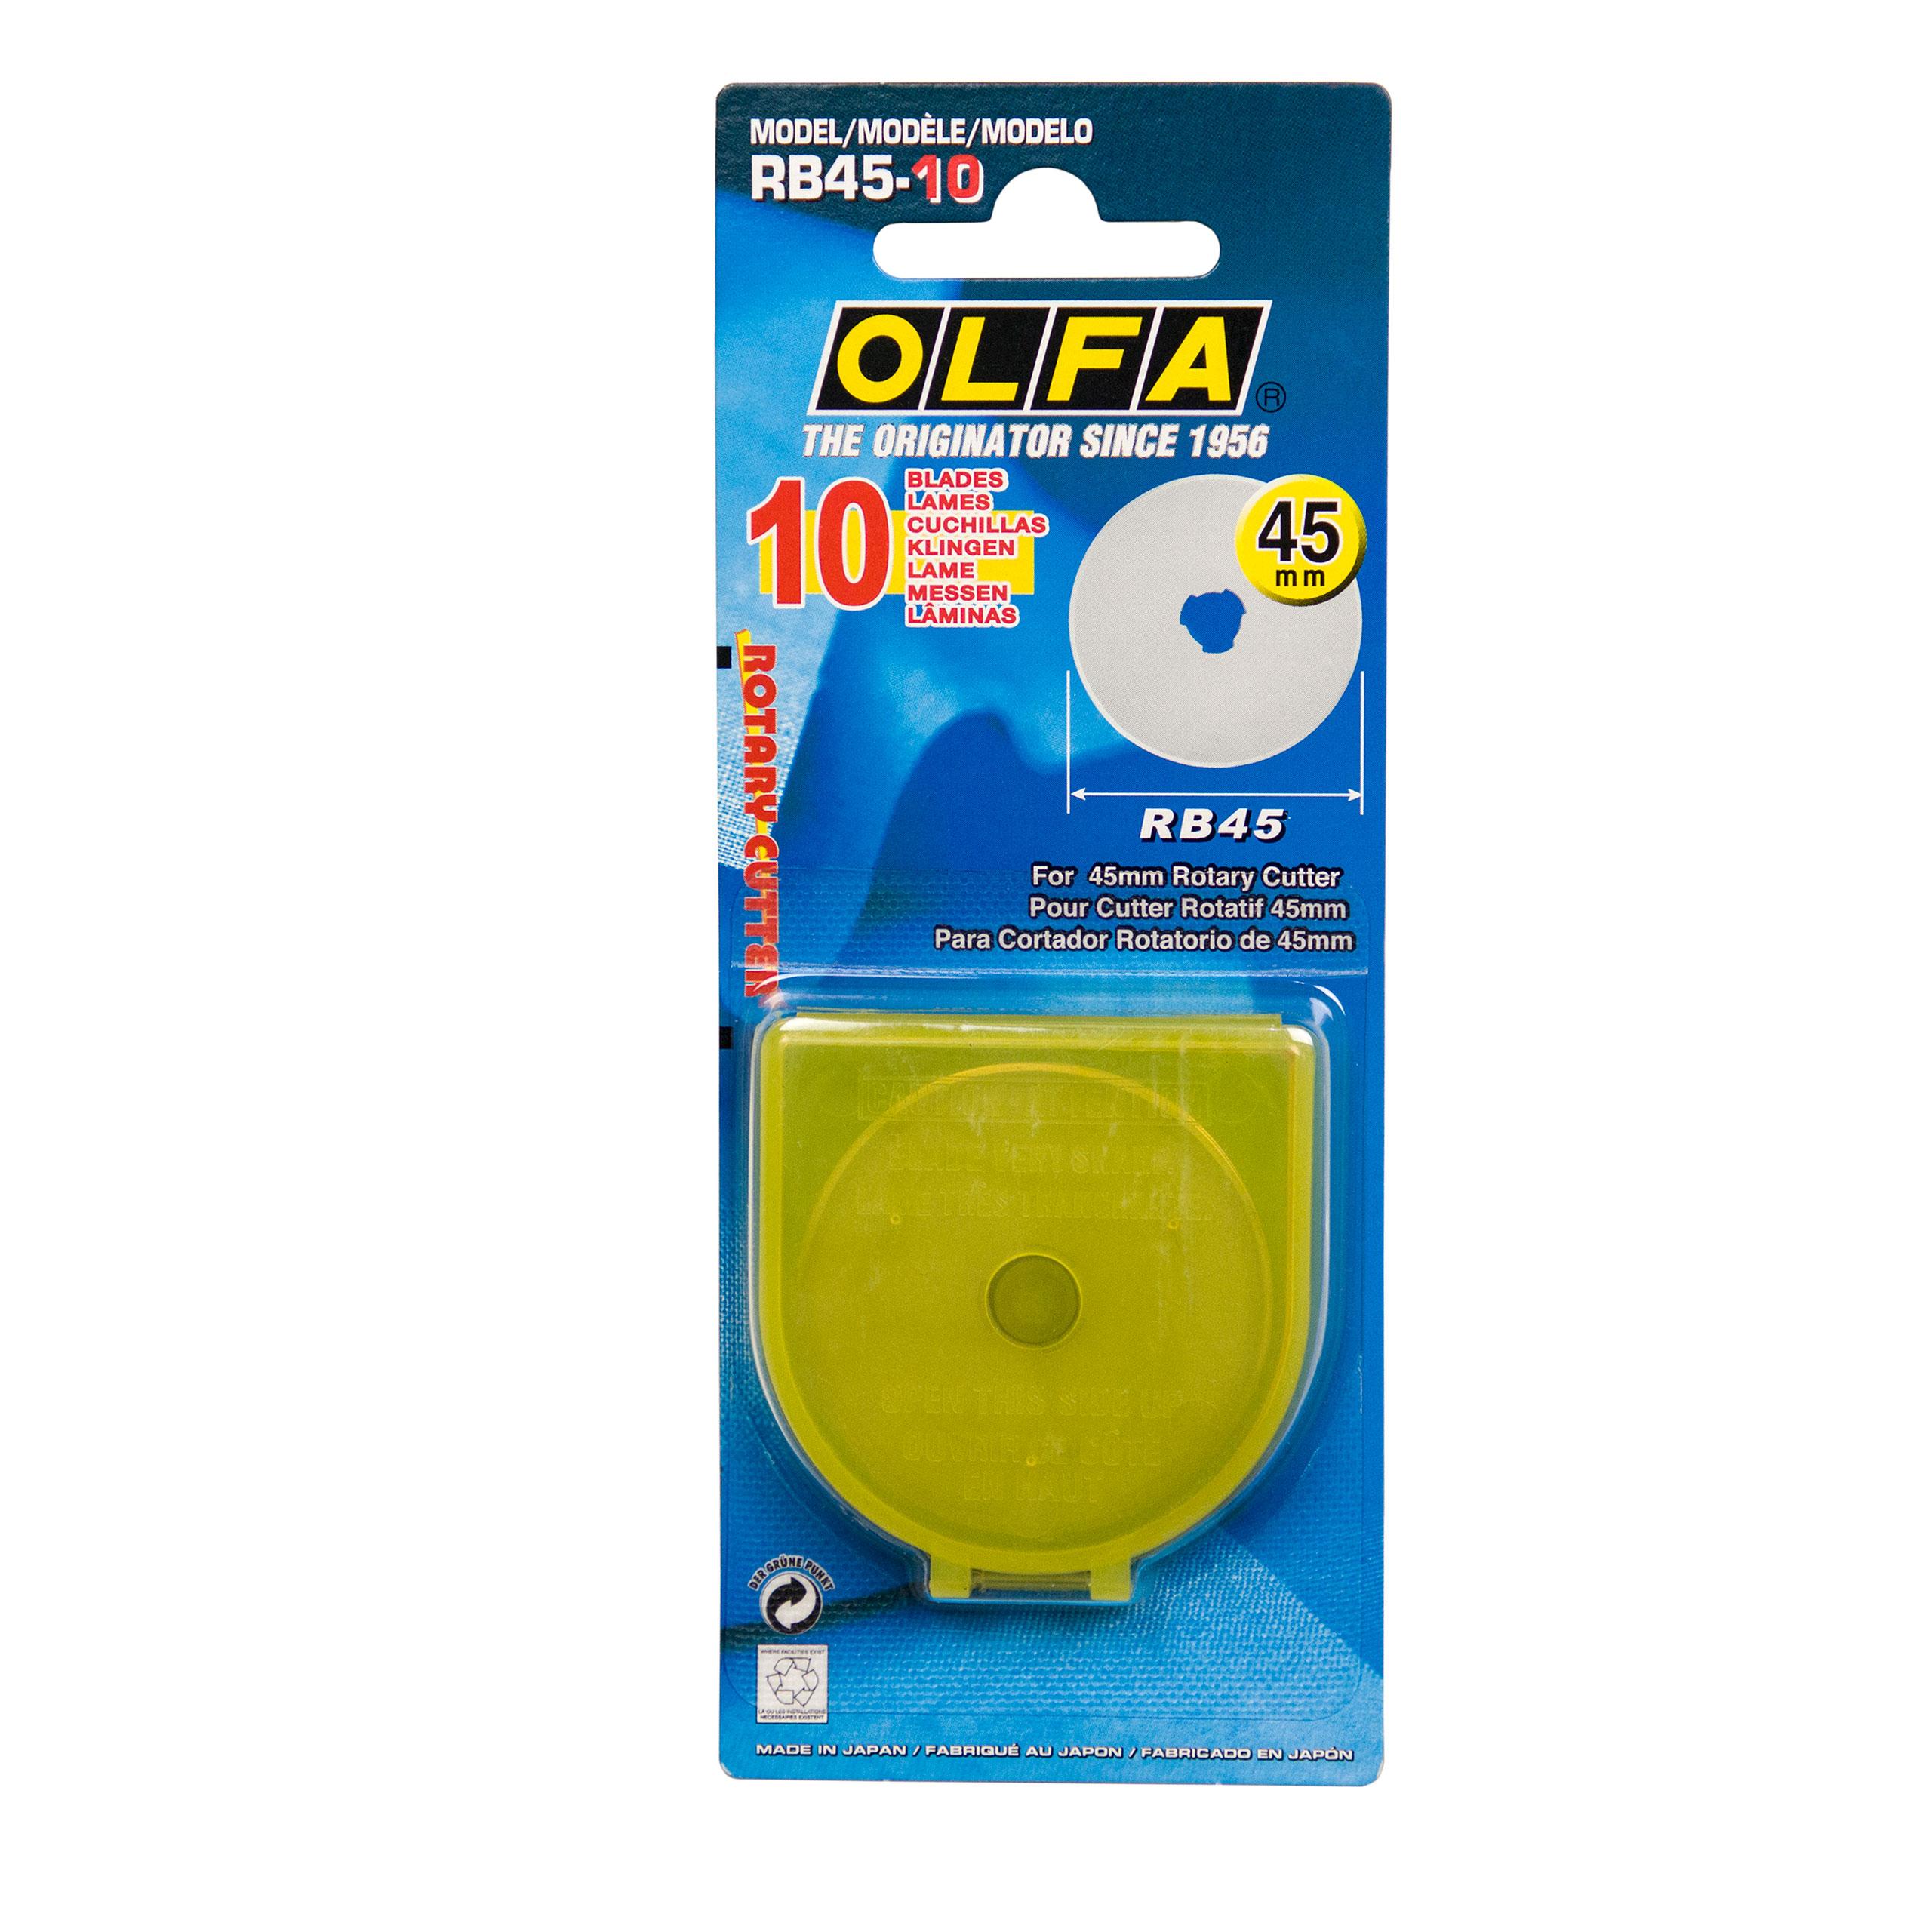 Olfa 10 Ersatzklingen 45mm für OL-750 RB45-10 Inhalt 10 Stück